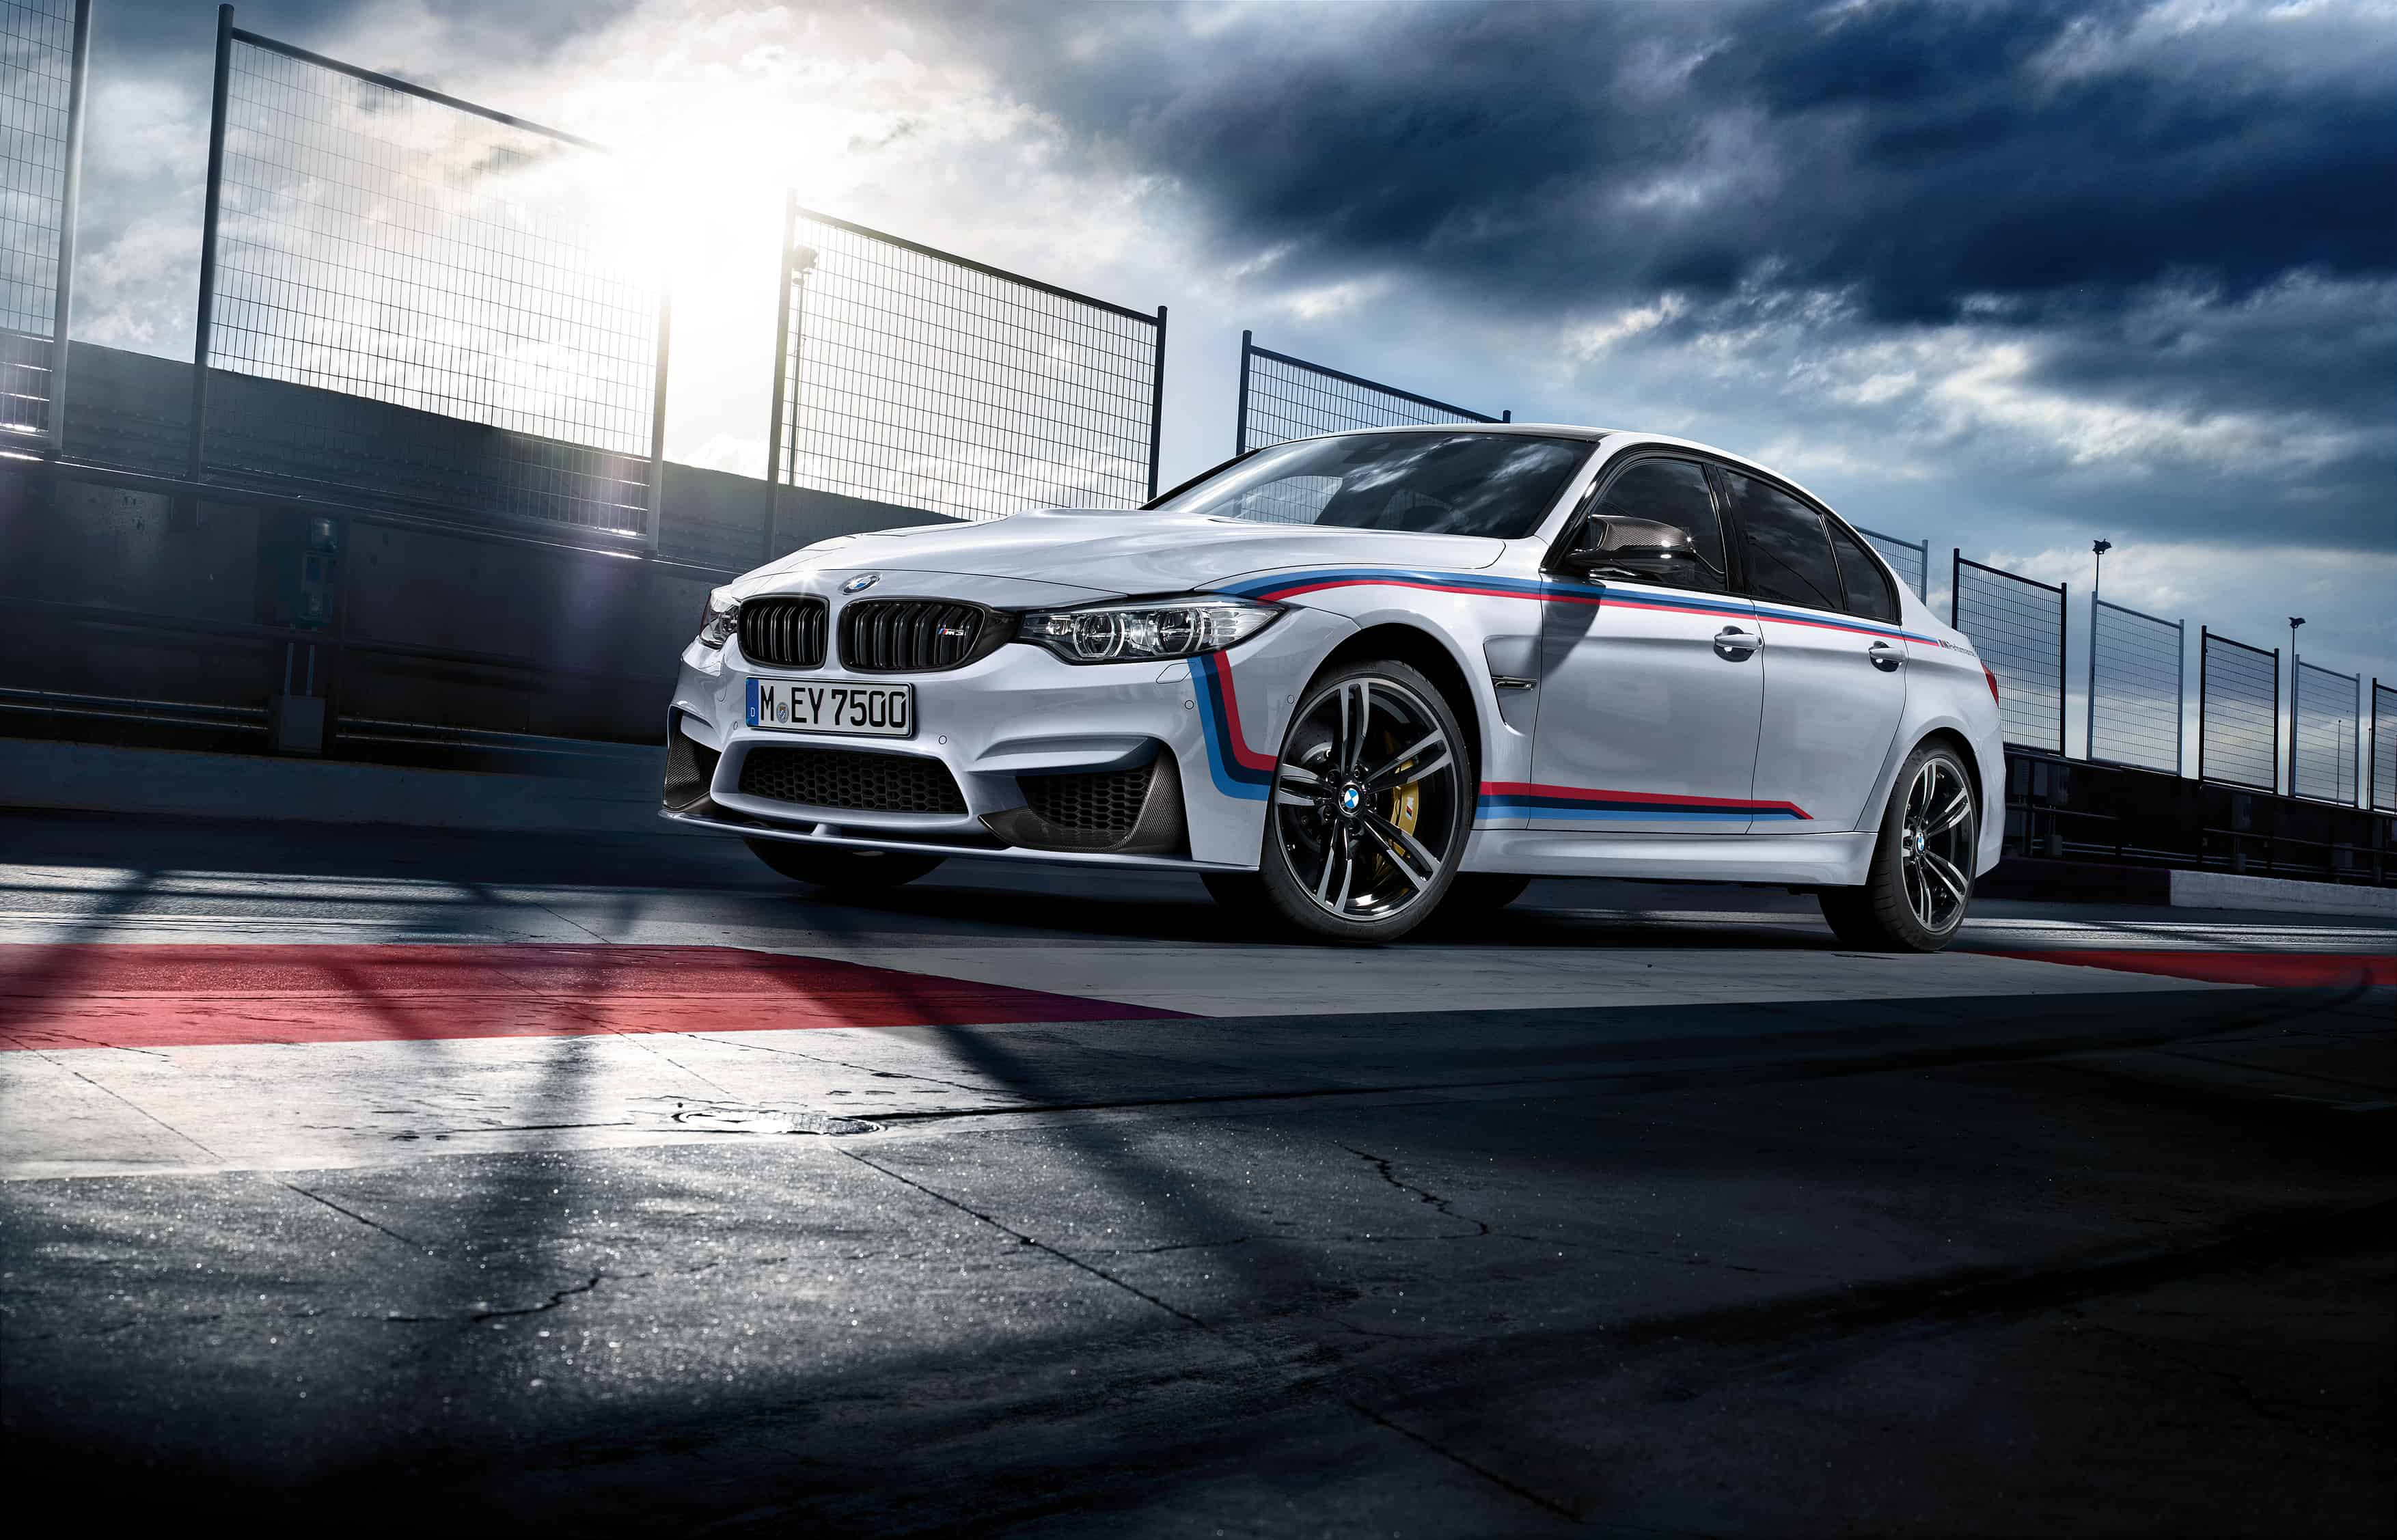 BMW M4 Coupe Performance Zubehör